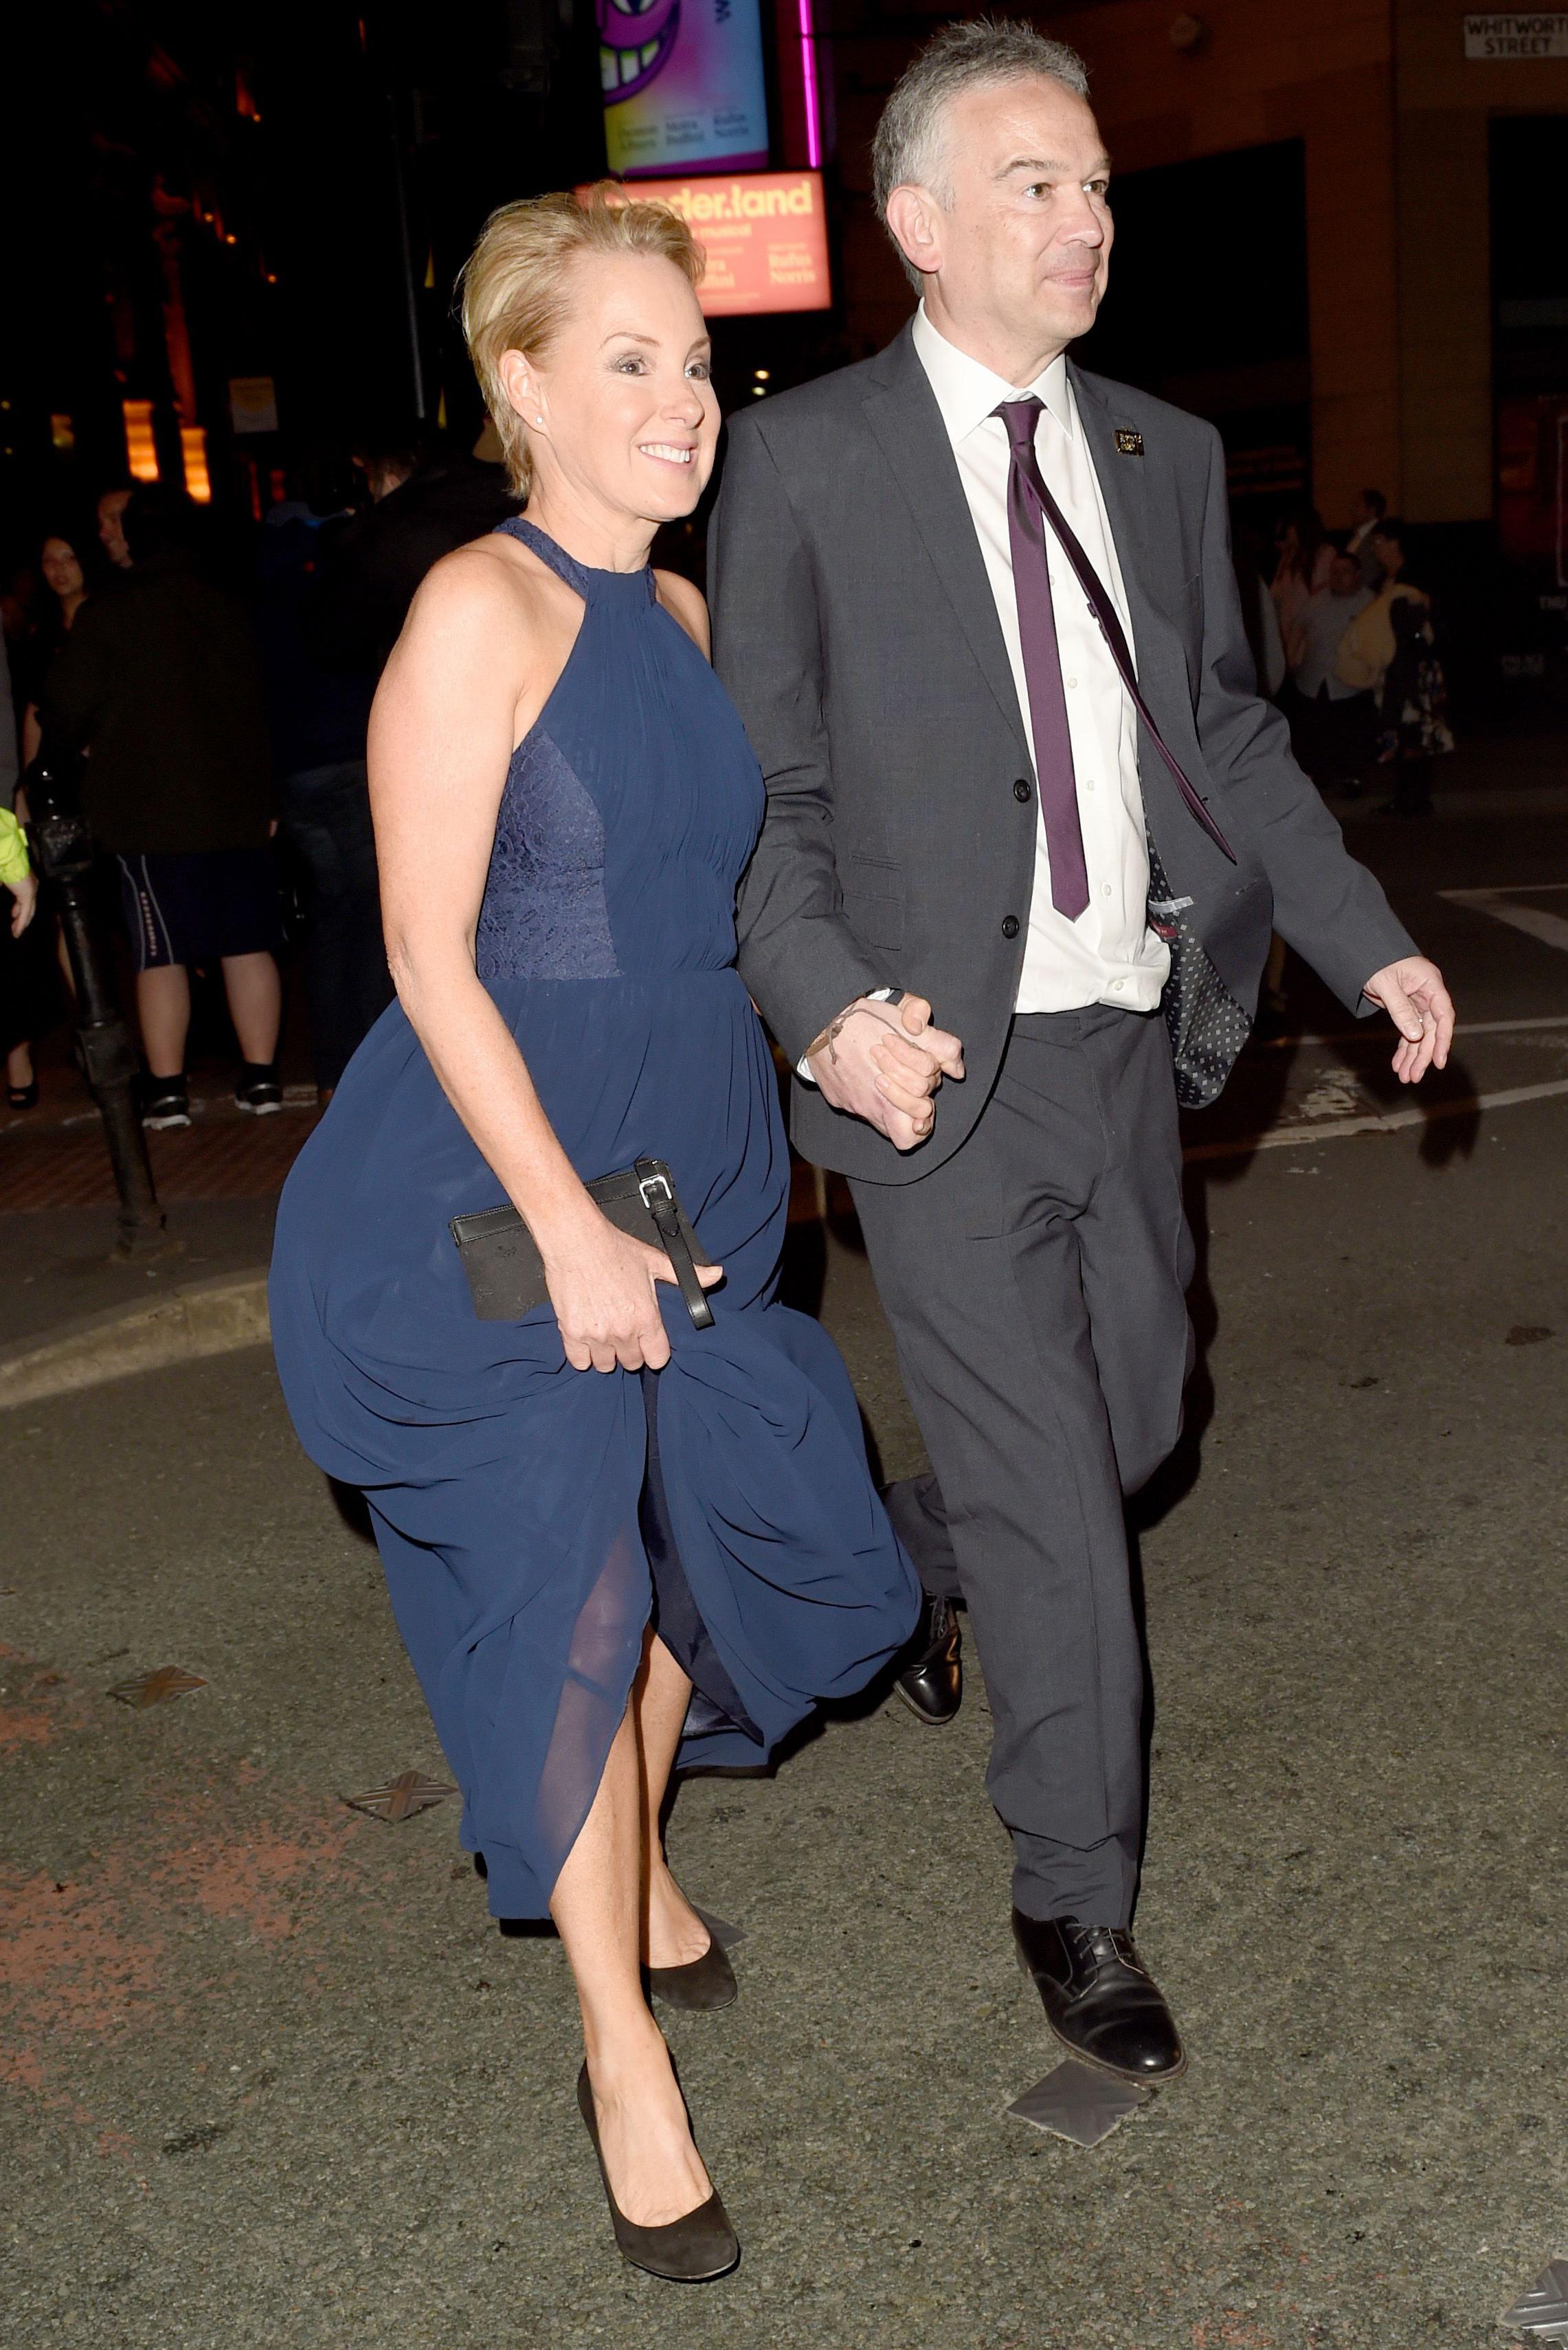 Sally with husband Tim